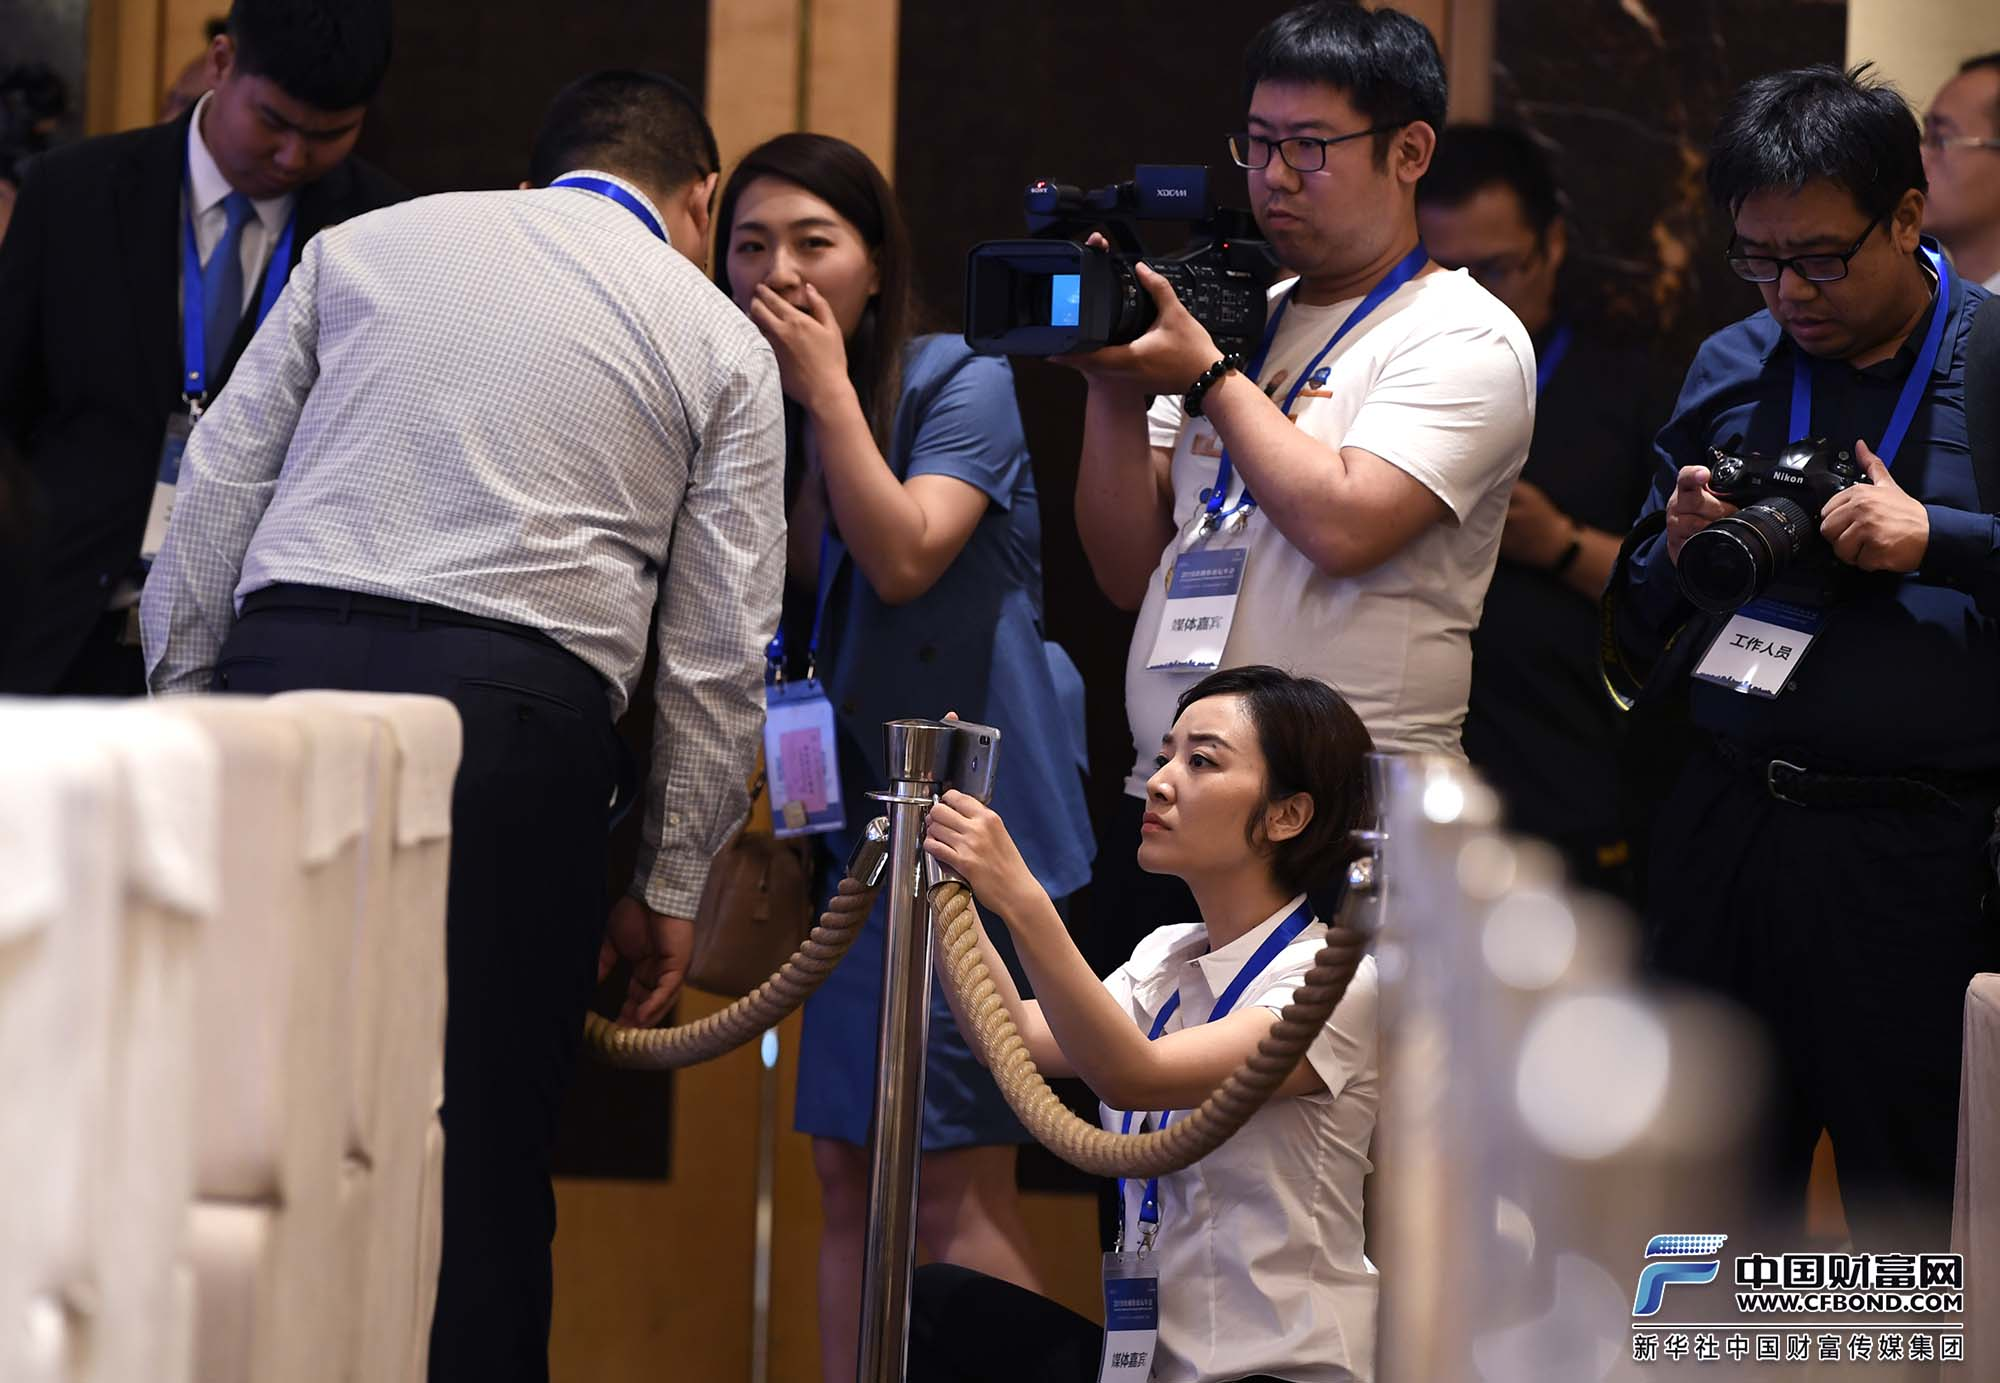 中国财富网记者张静静在金融街论坛年会现场手机采访拍摄